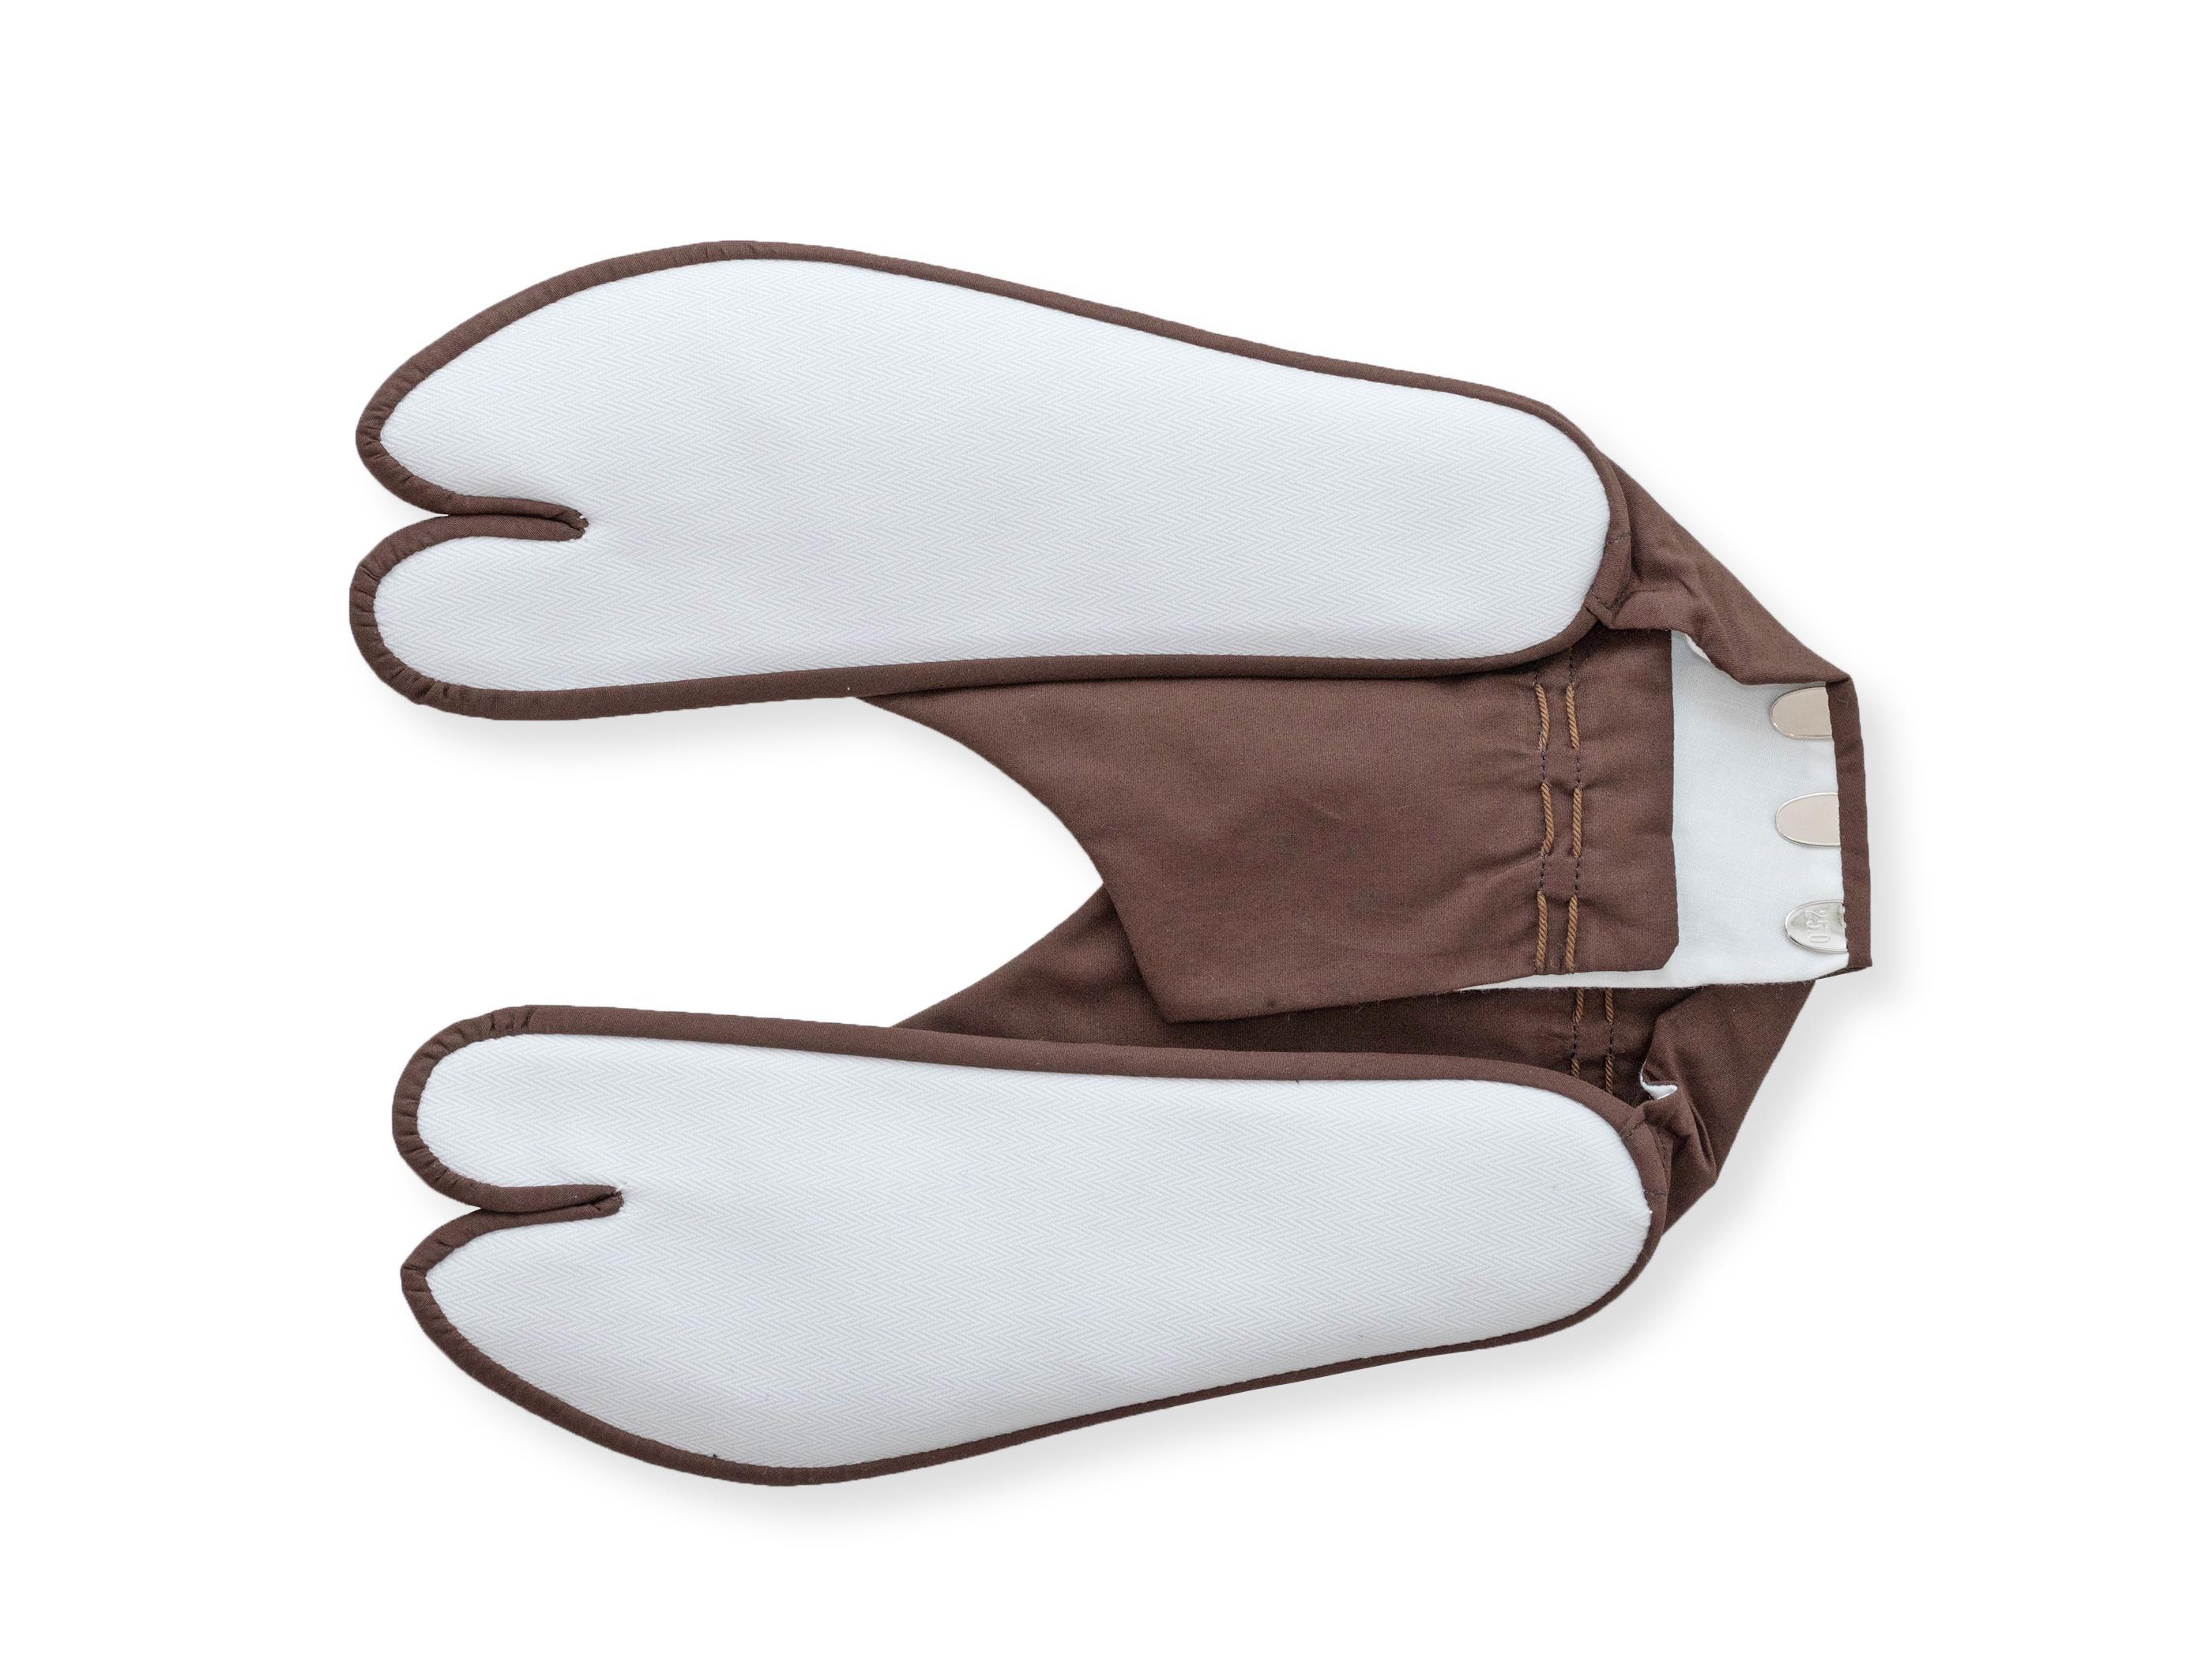 きねや足袋 4枚こはぜ 色木綿足袋 濃茶